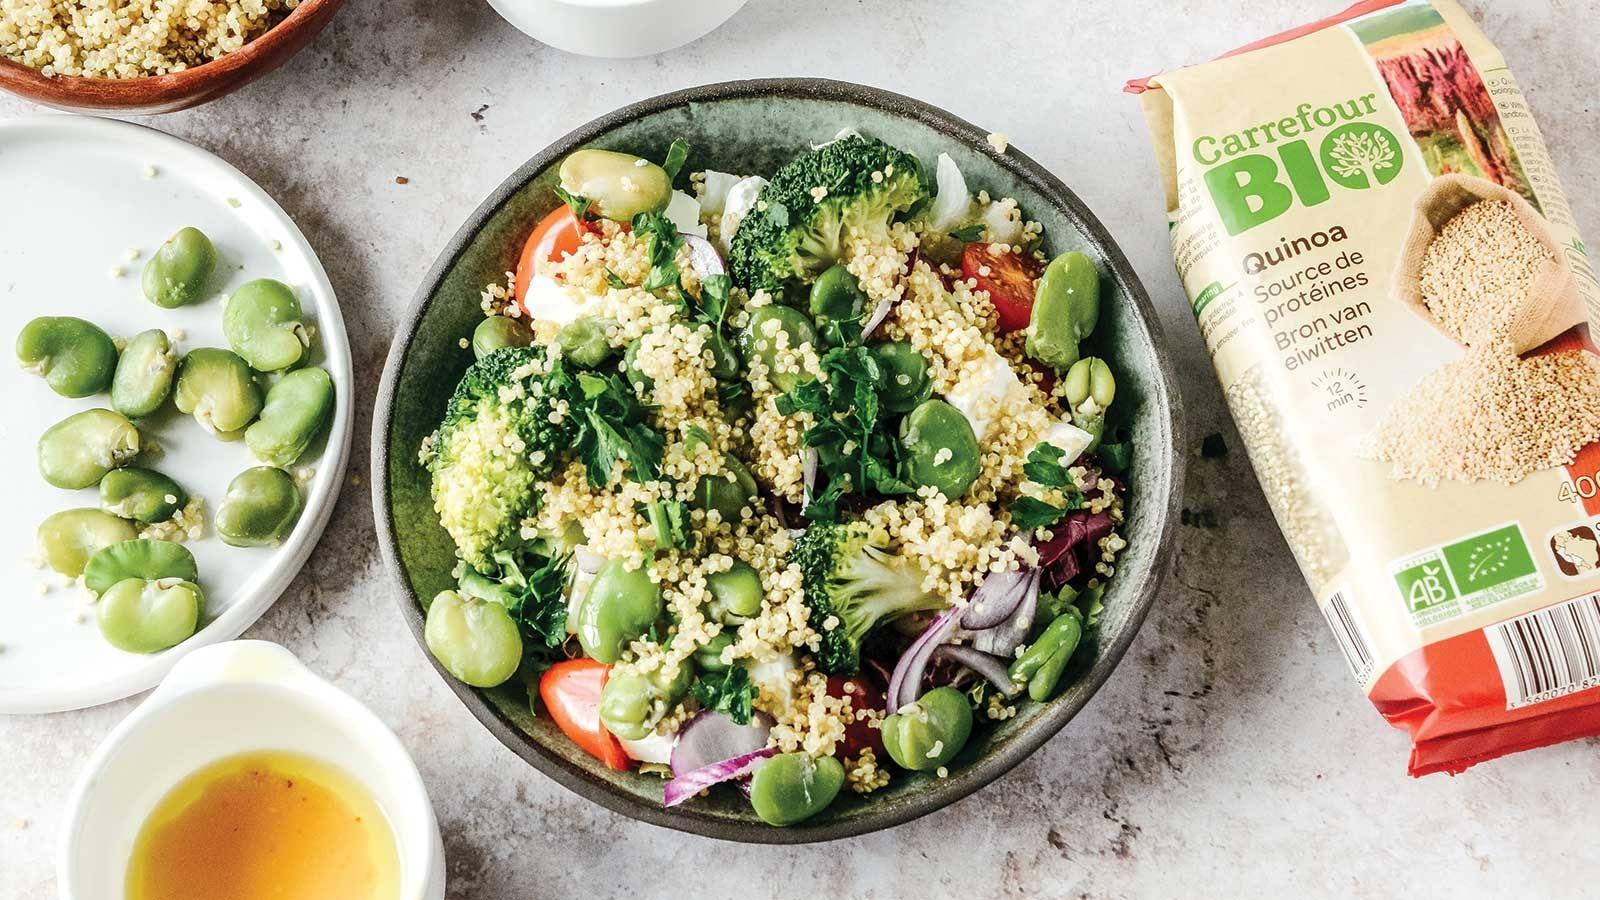 Letnia sałatka z bobem, fetą, brokułami, pomidorami i komosą ryżową, polana miodowym dressingiem